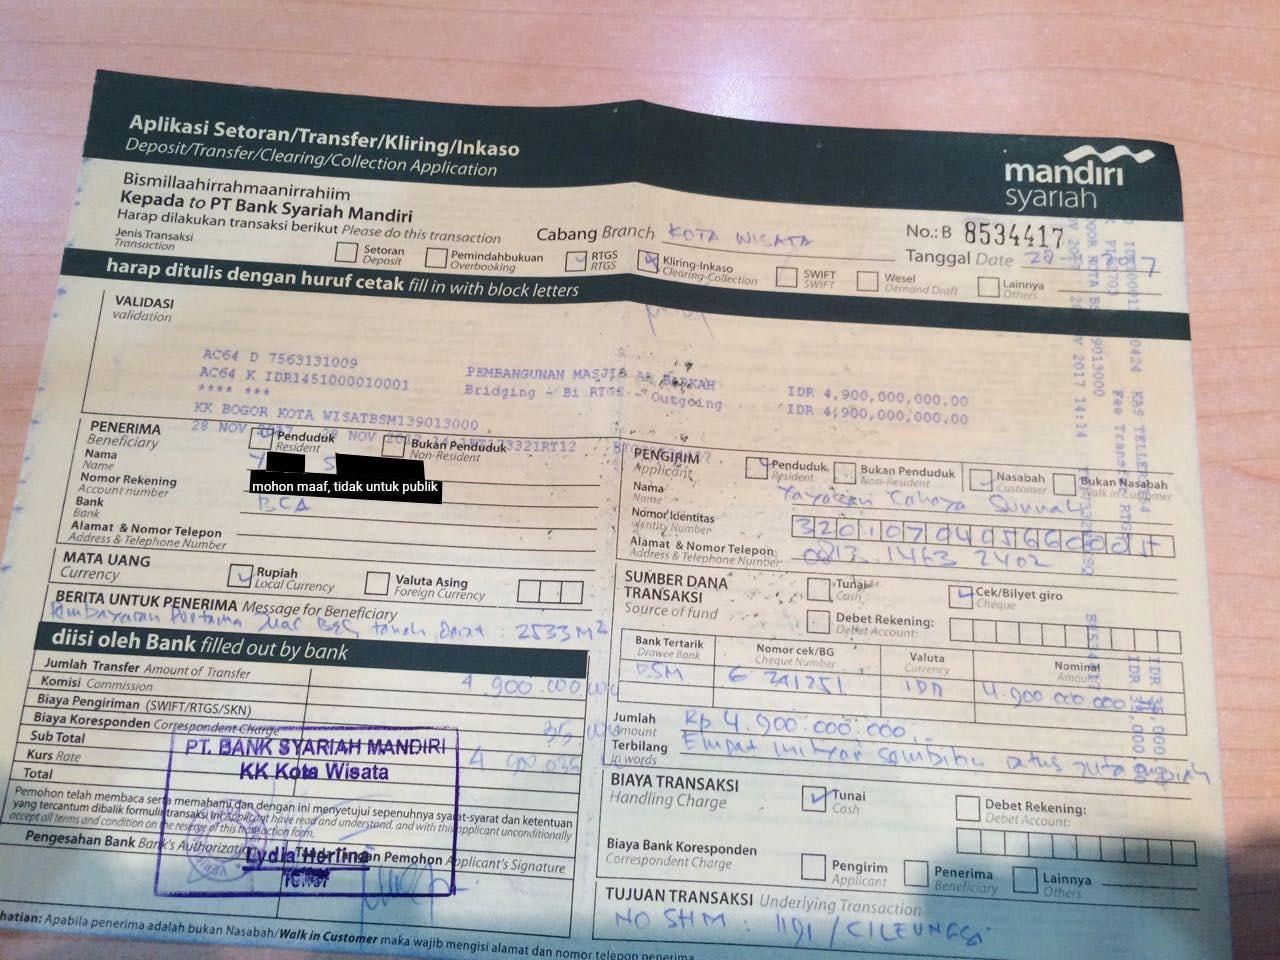 Laporan Wakaf Al-Barkah 17-24 November 2017: Pembayaran Tahap Pertama